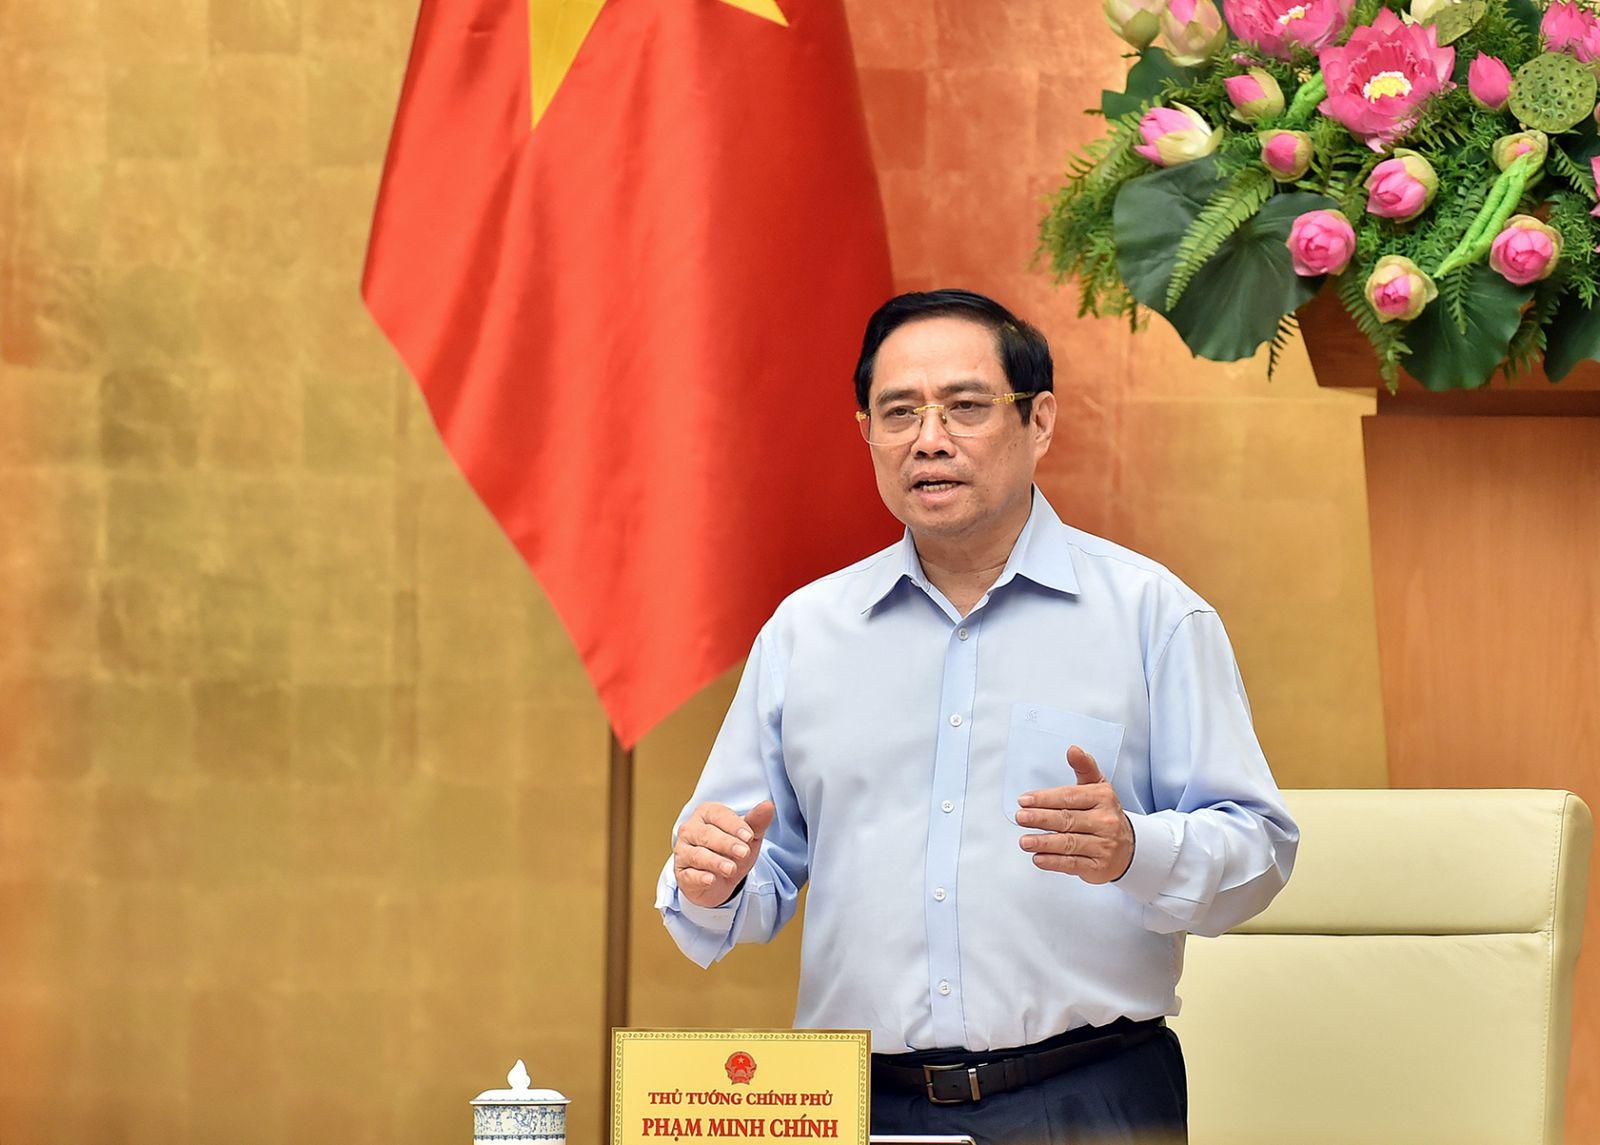 Thủ tướng Phạm Minh Chính: Dành tất cả những gì tốt nhất cho TPHCM chống dịch. Ảnh VGP/Nhật Bắc